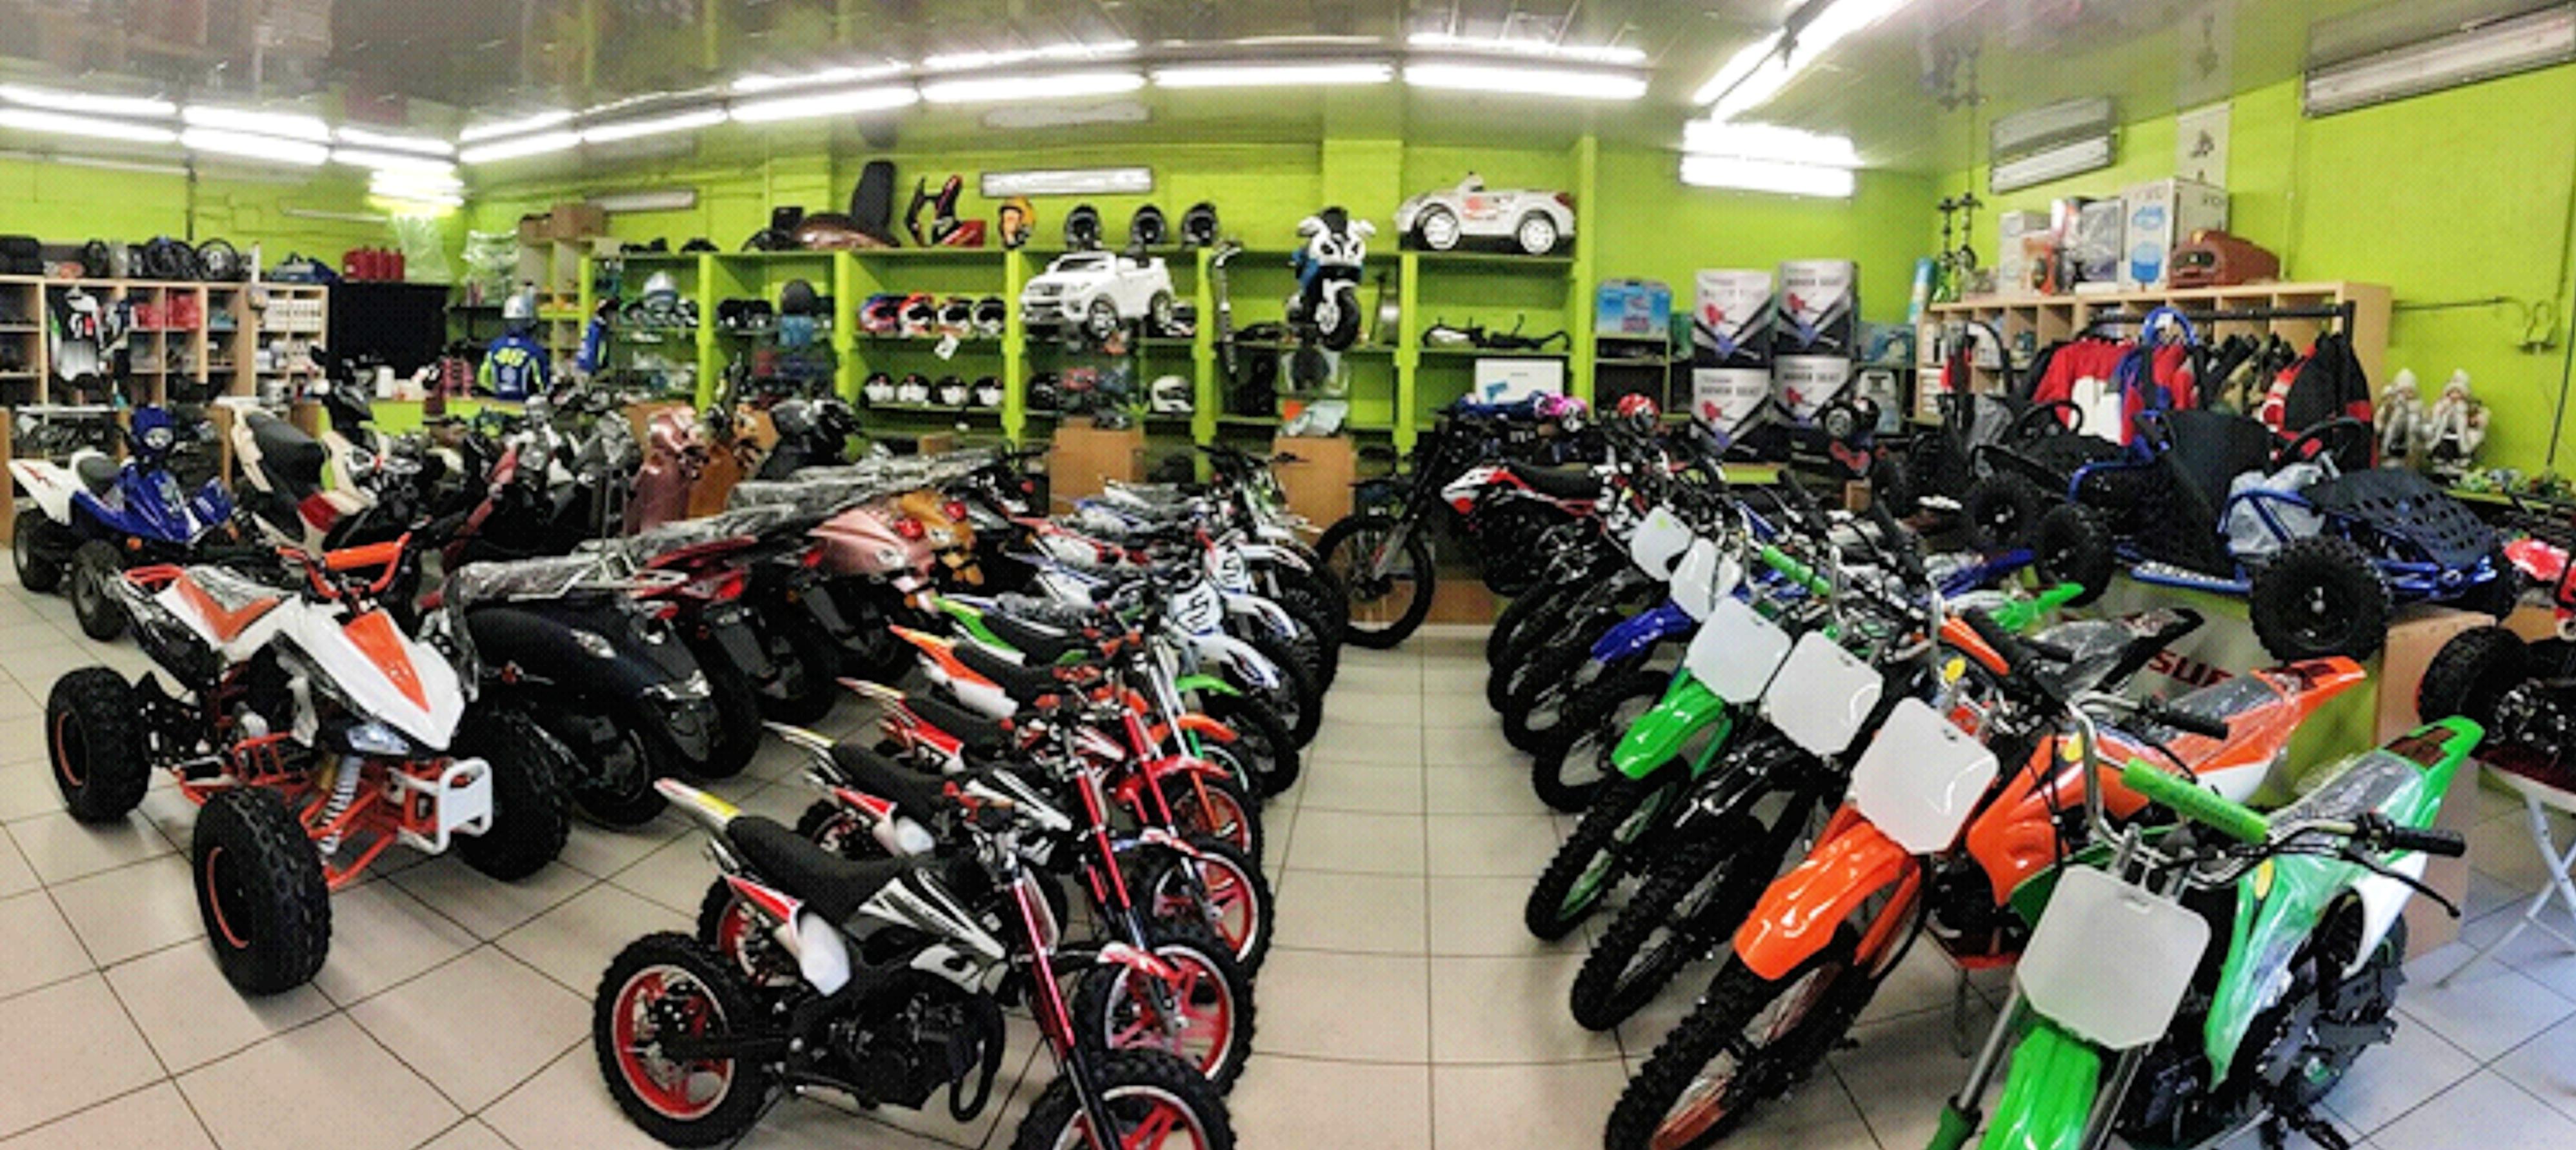 quads, motos et accessoires pour enfants et adultes